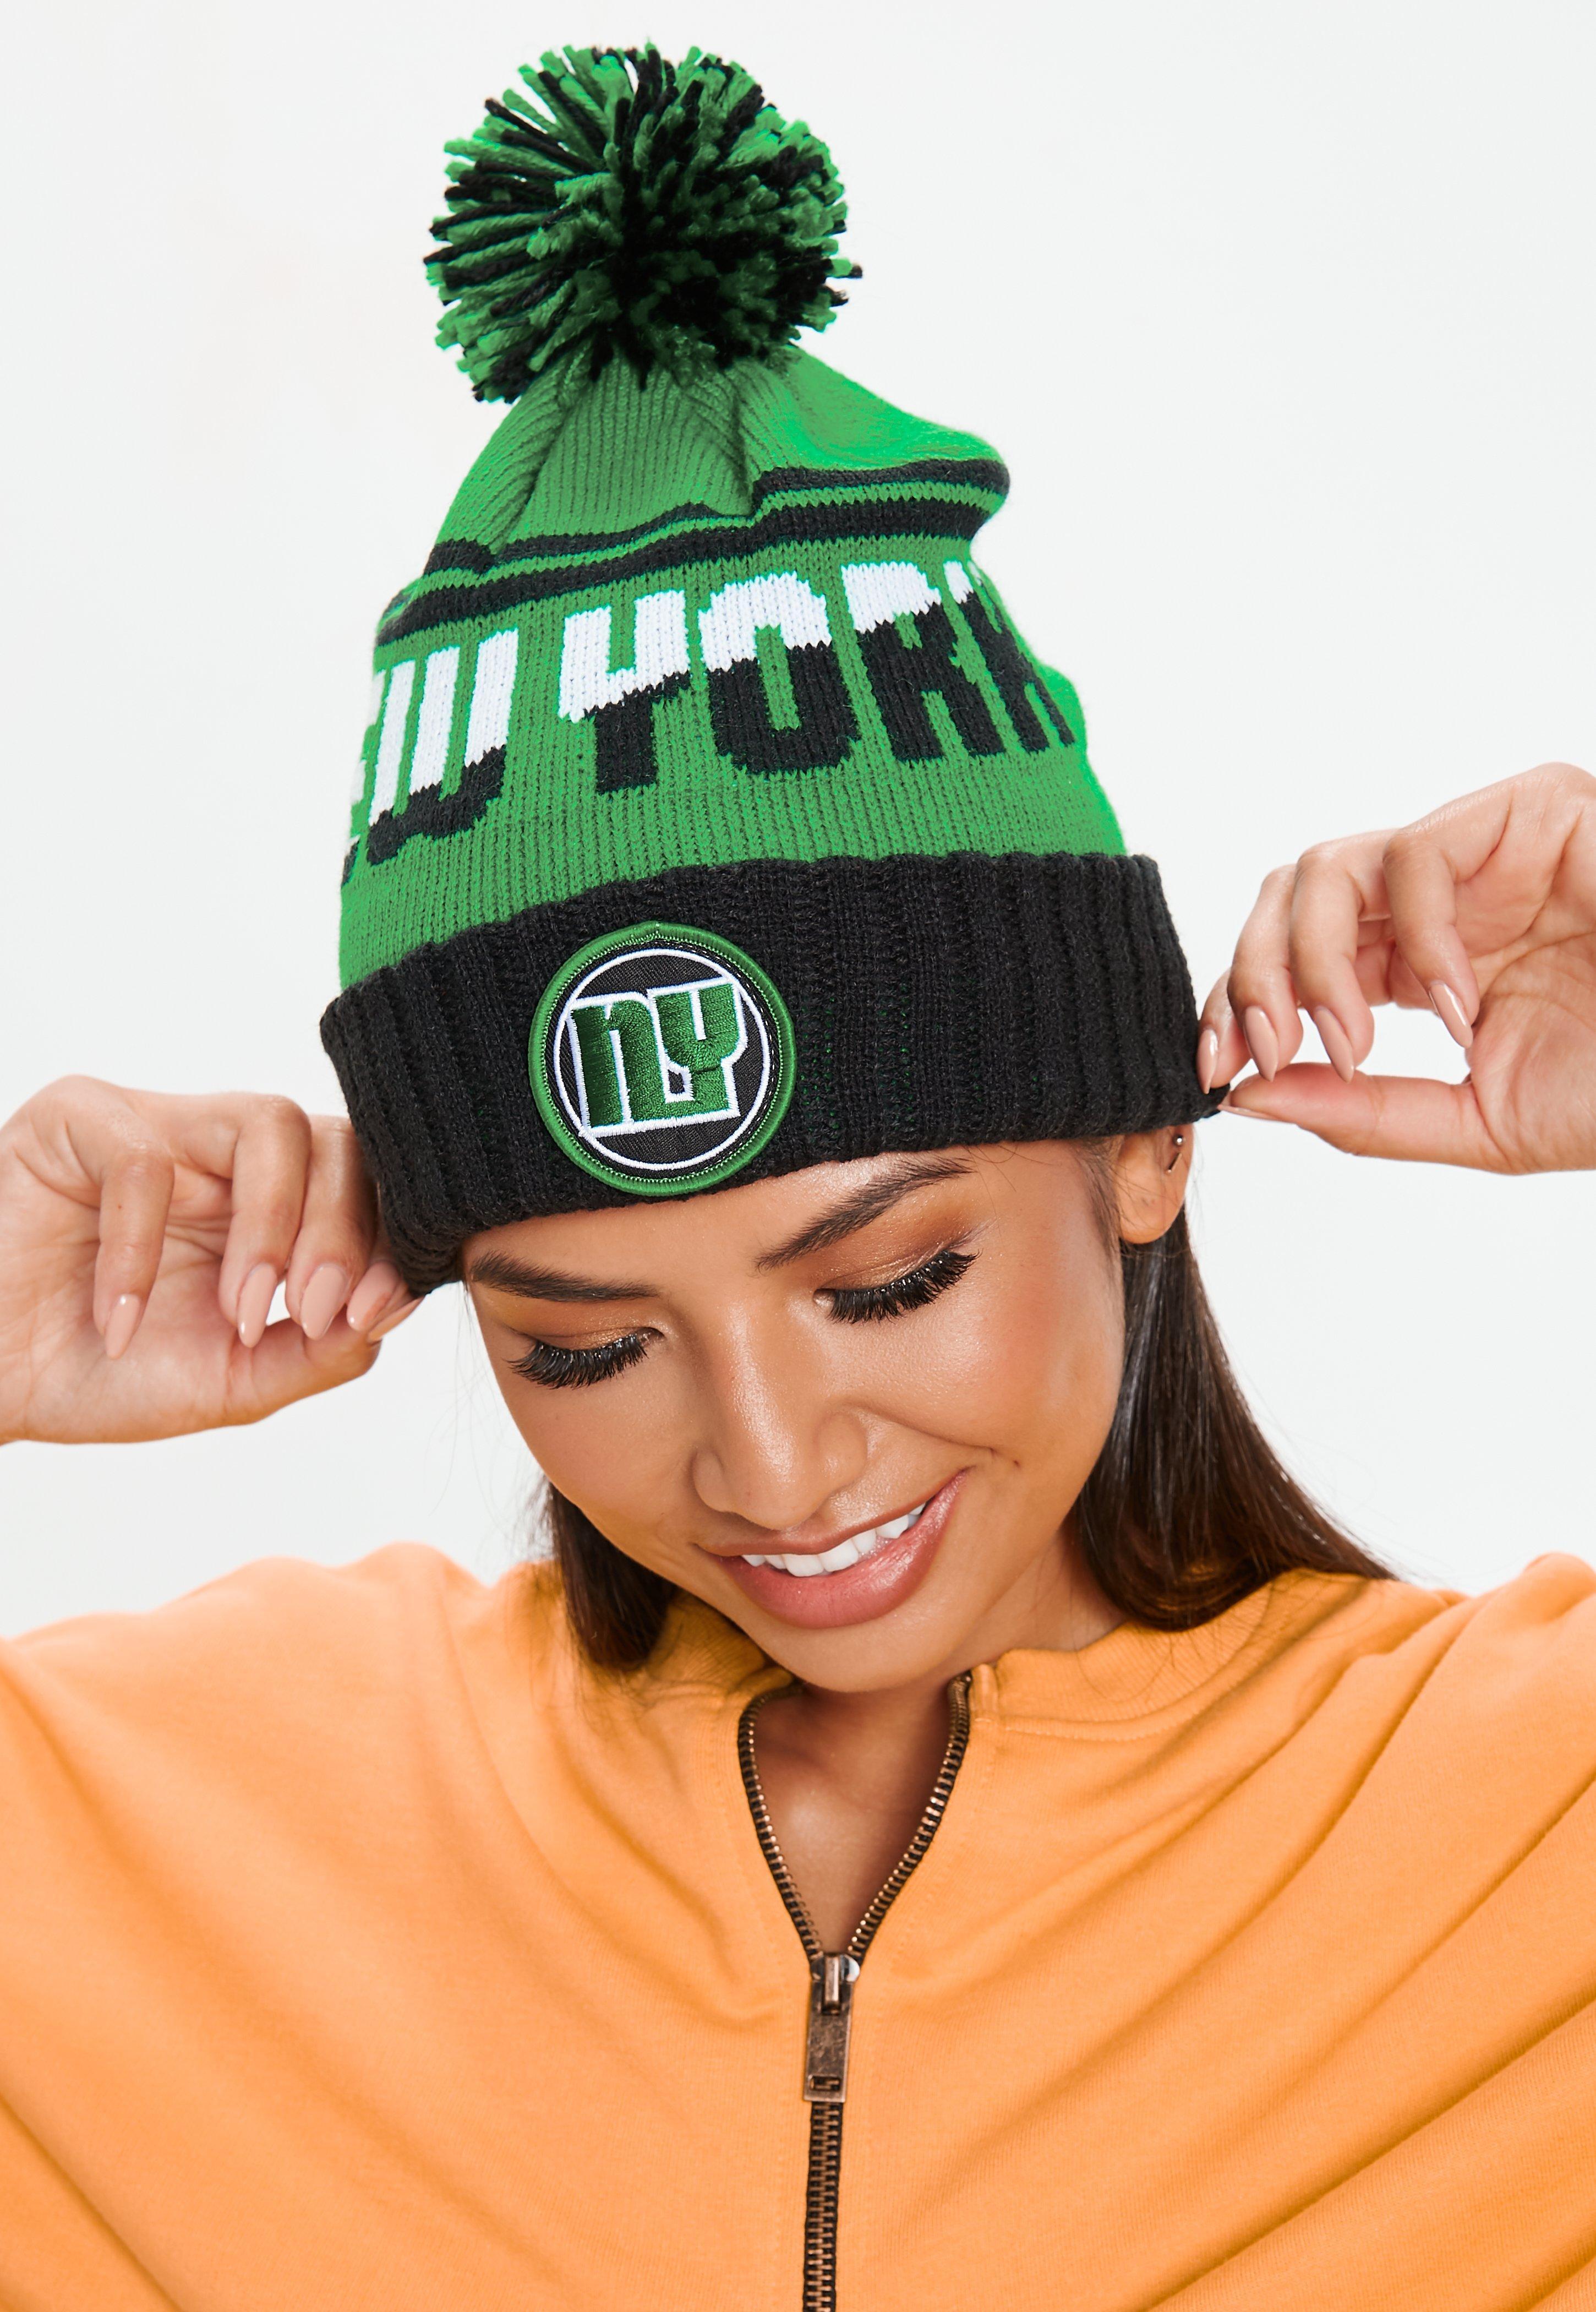 759daebb065 Women s Hats